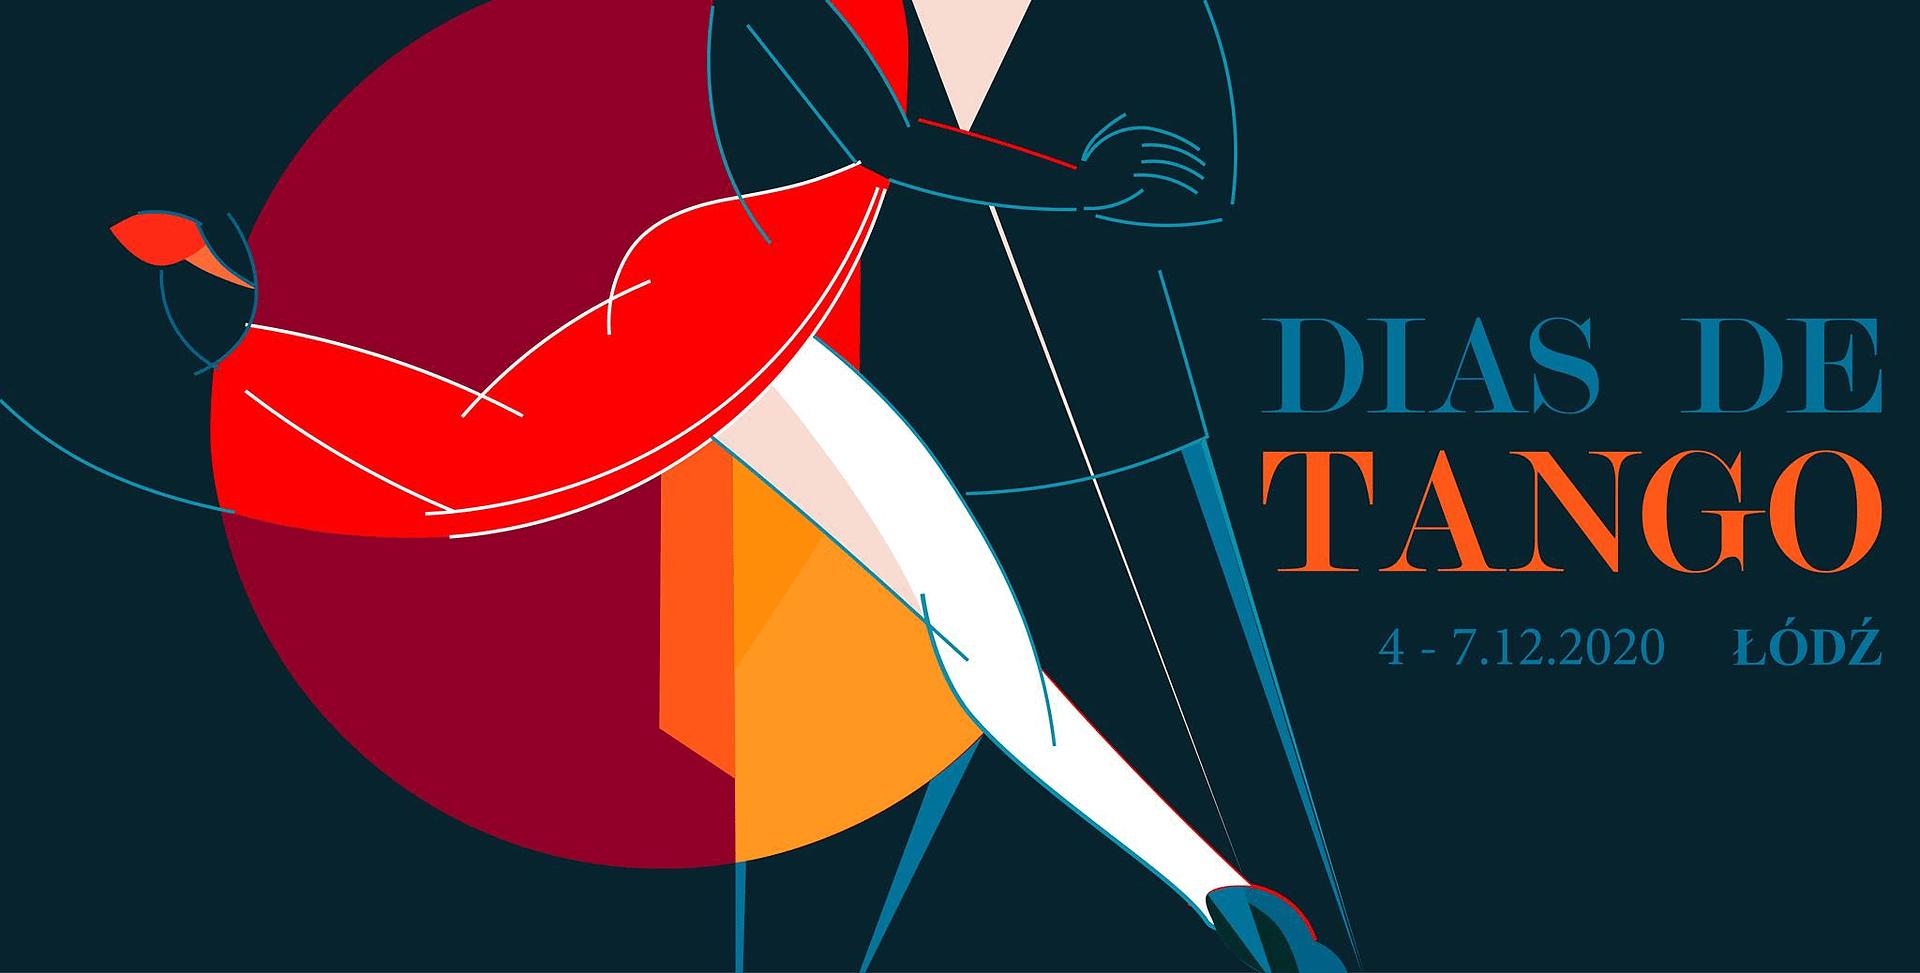 Bandonegro at Dias de Tango Festival